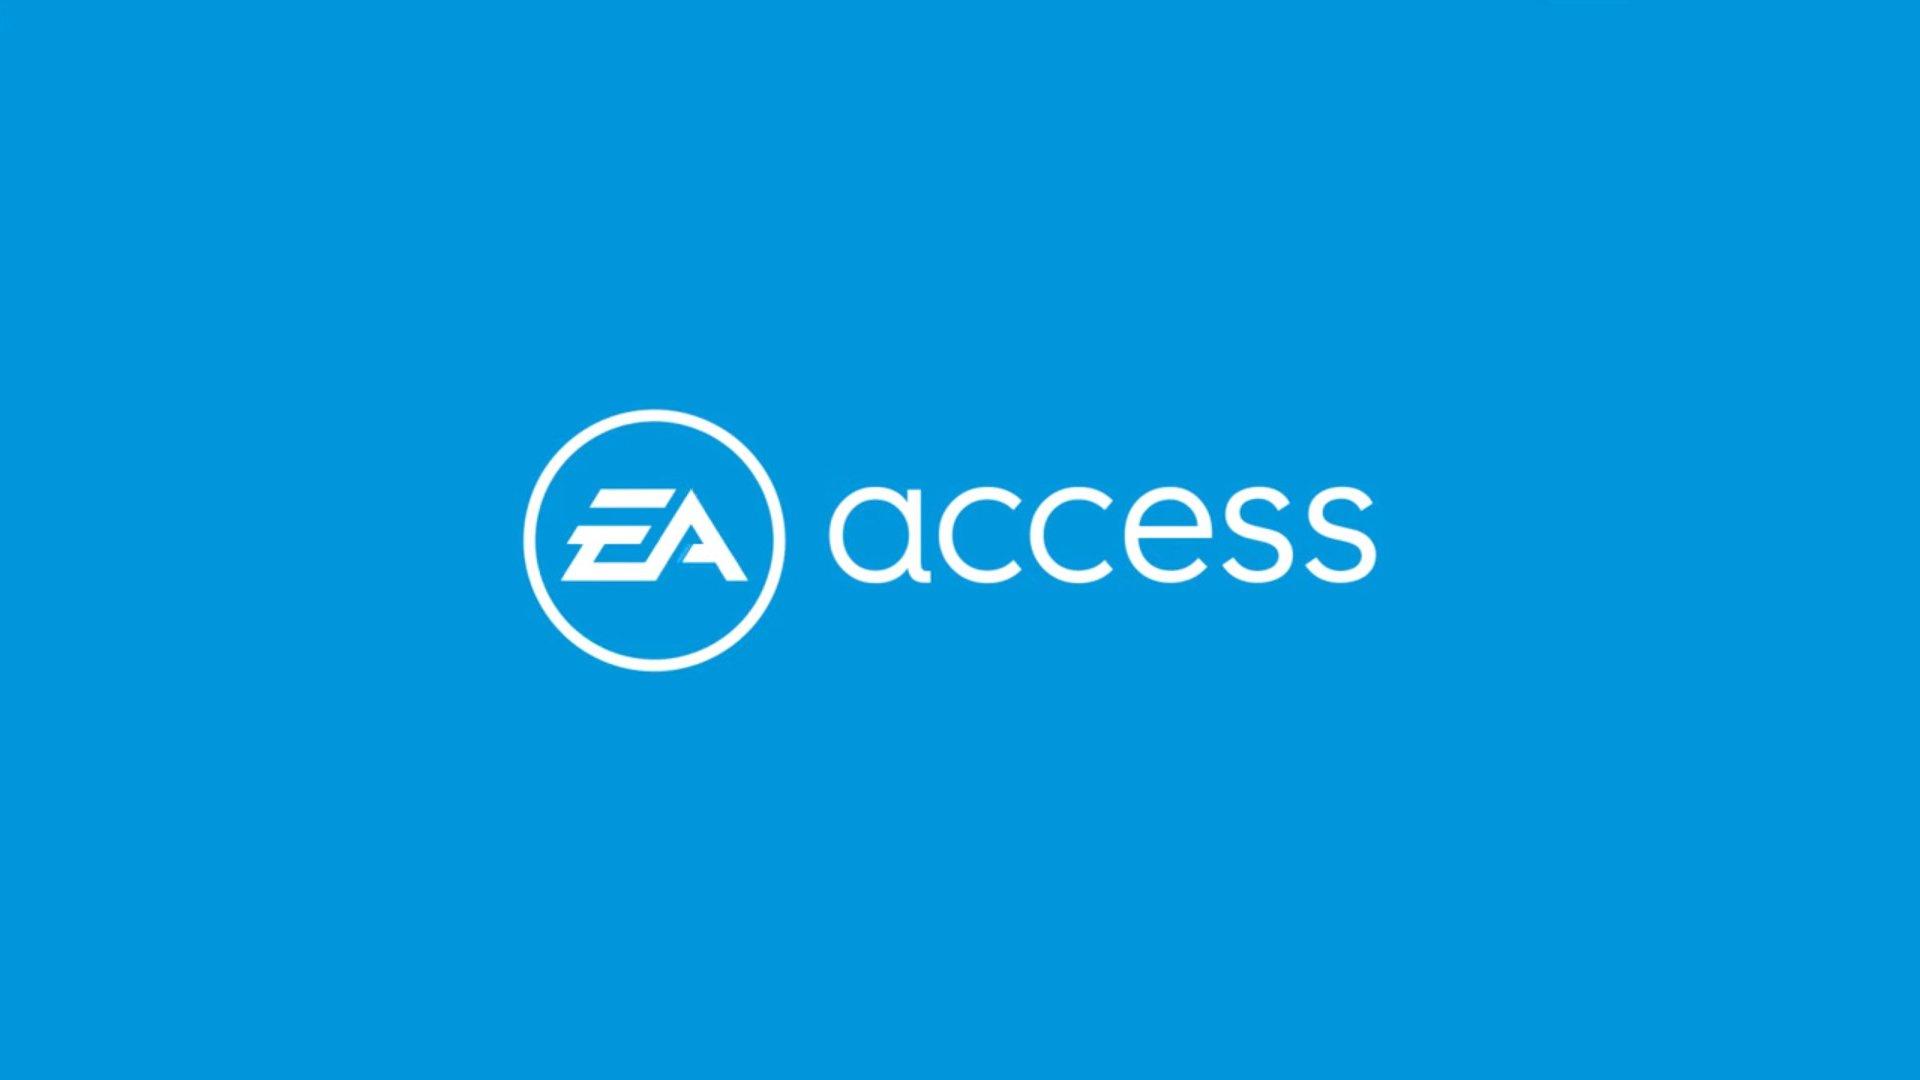 EA Access (w końcu) dostępne na PlayStation 4 - abonament za 80 zł rocznie